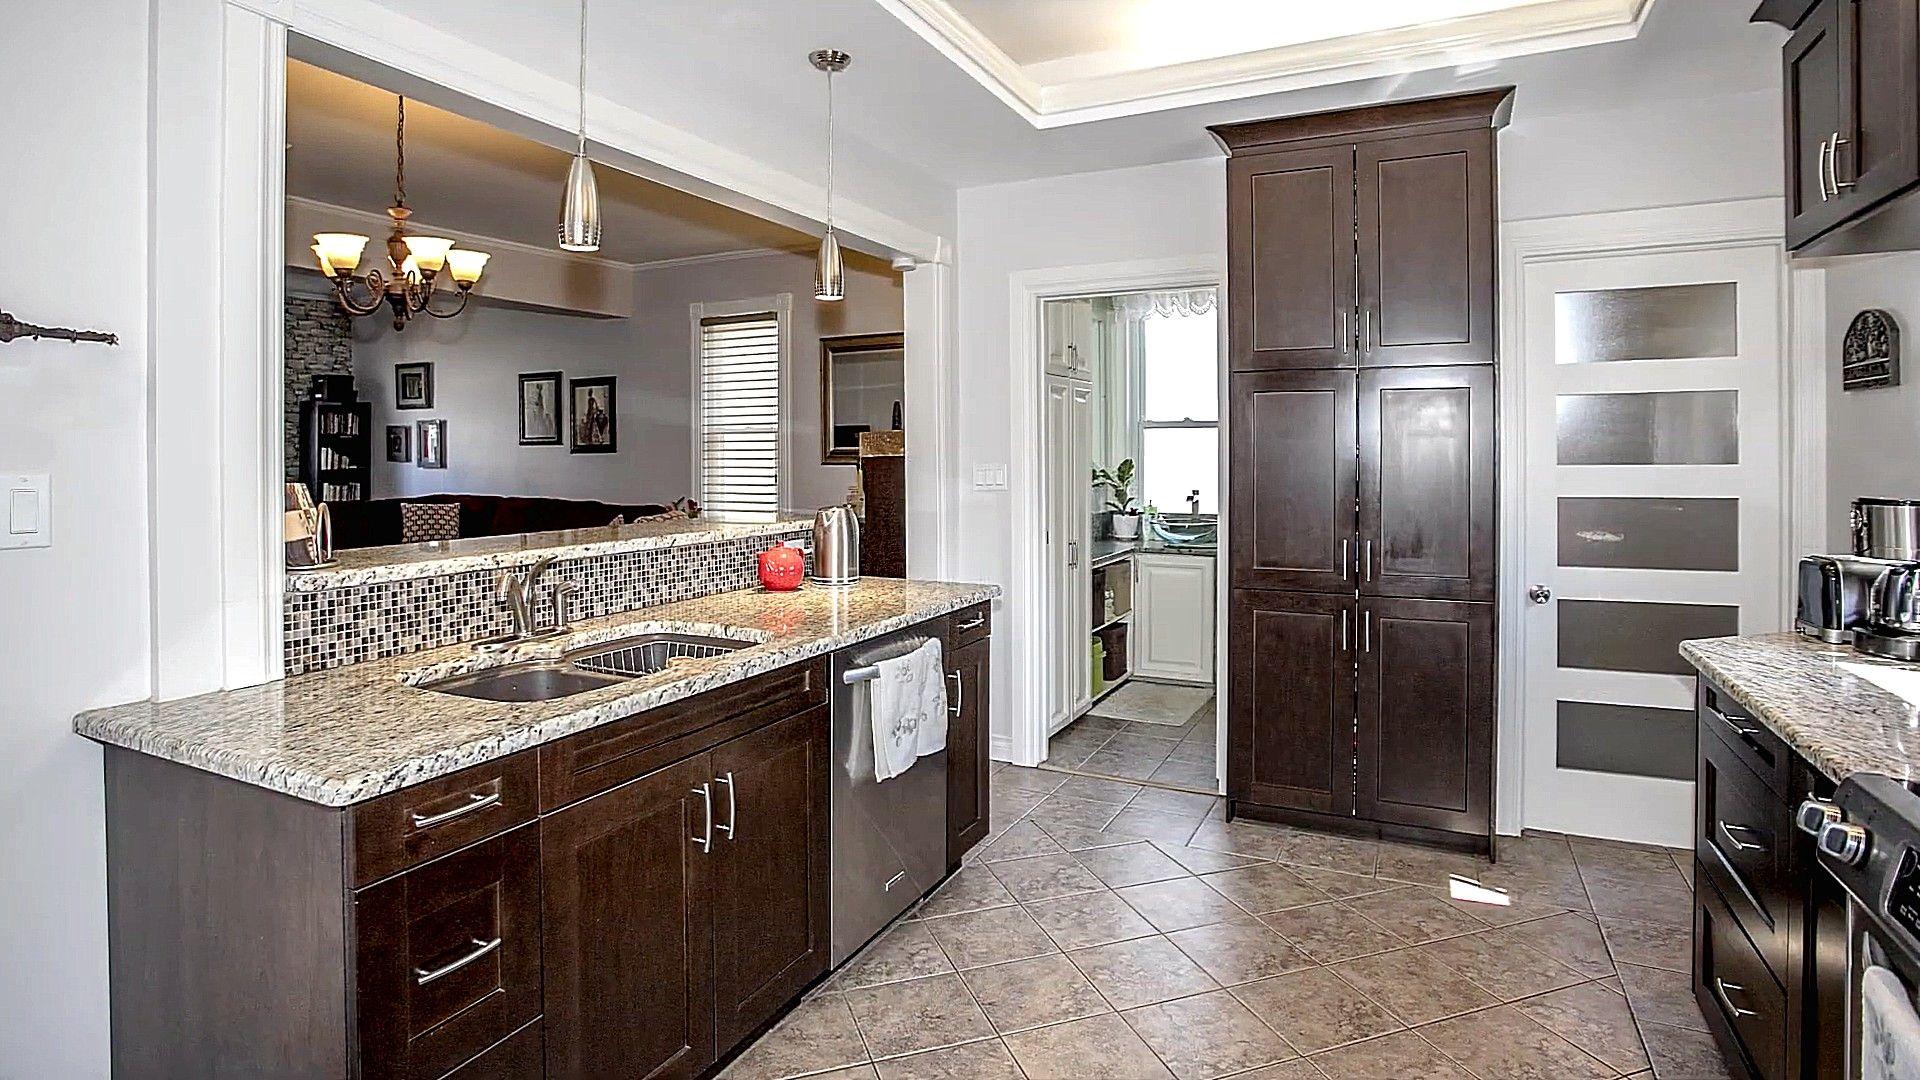 Full Size of Kchen Aktuell Angebote Decor Küchen Regal Wohnzimmer Küchen Aktuell